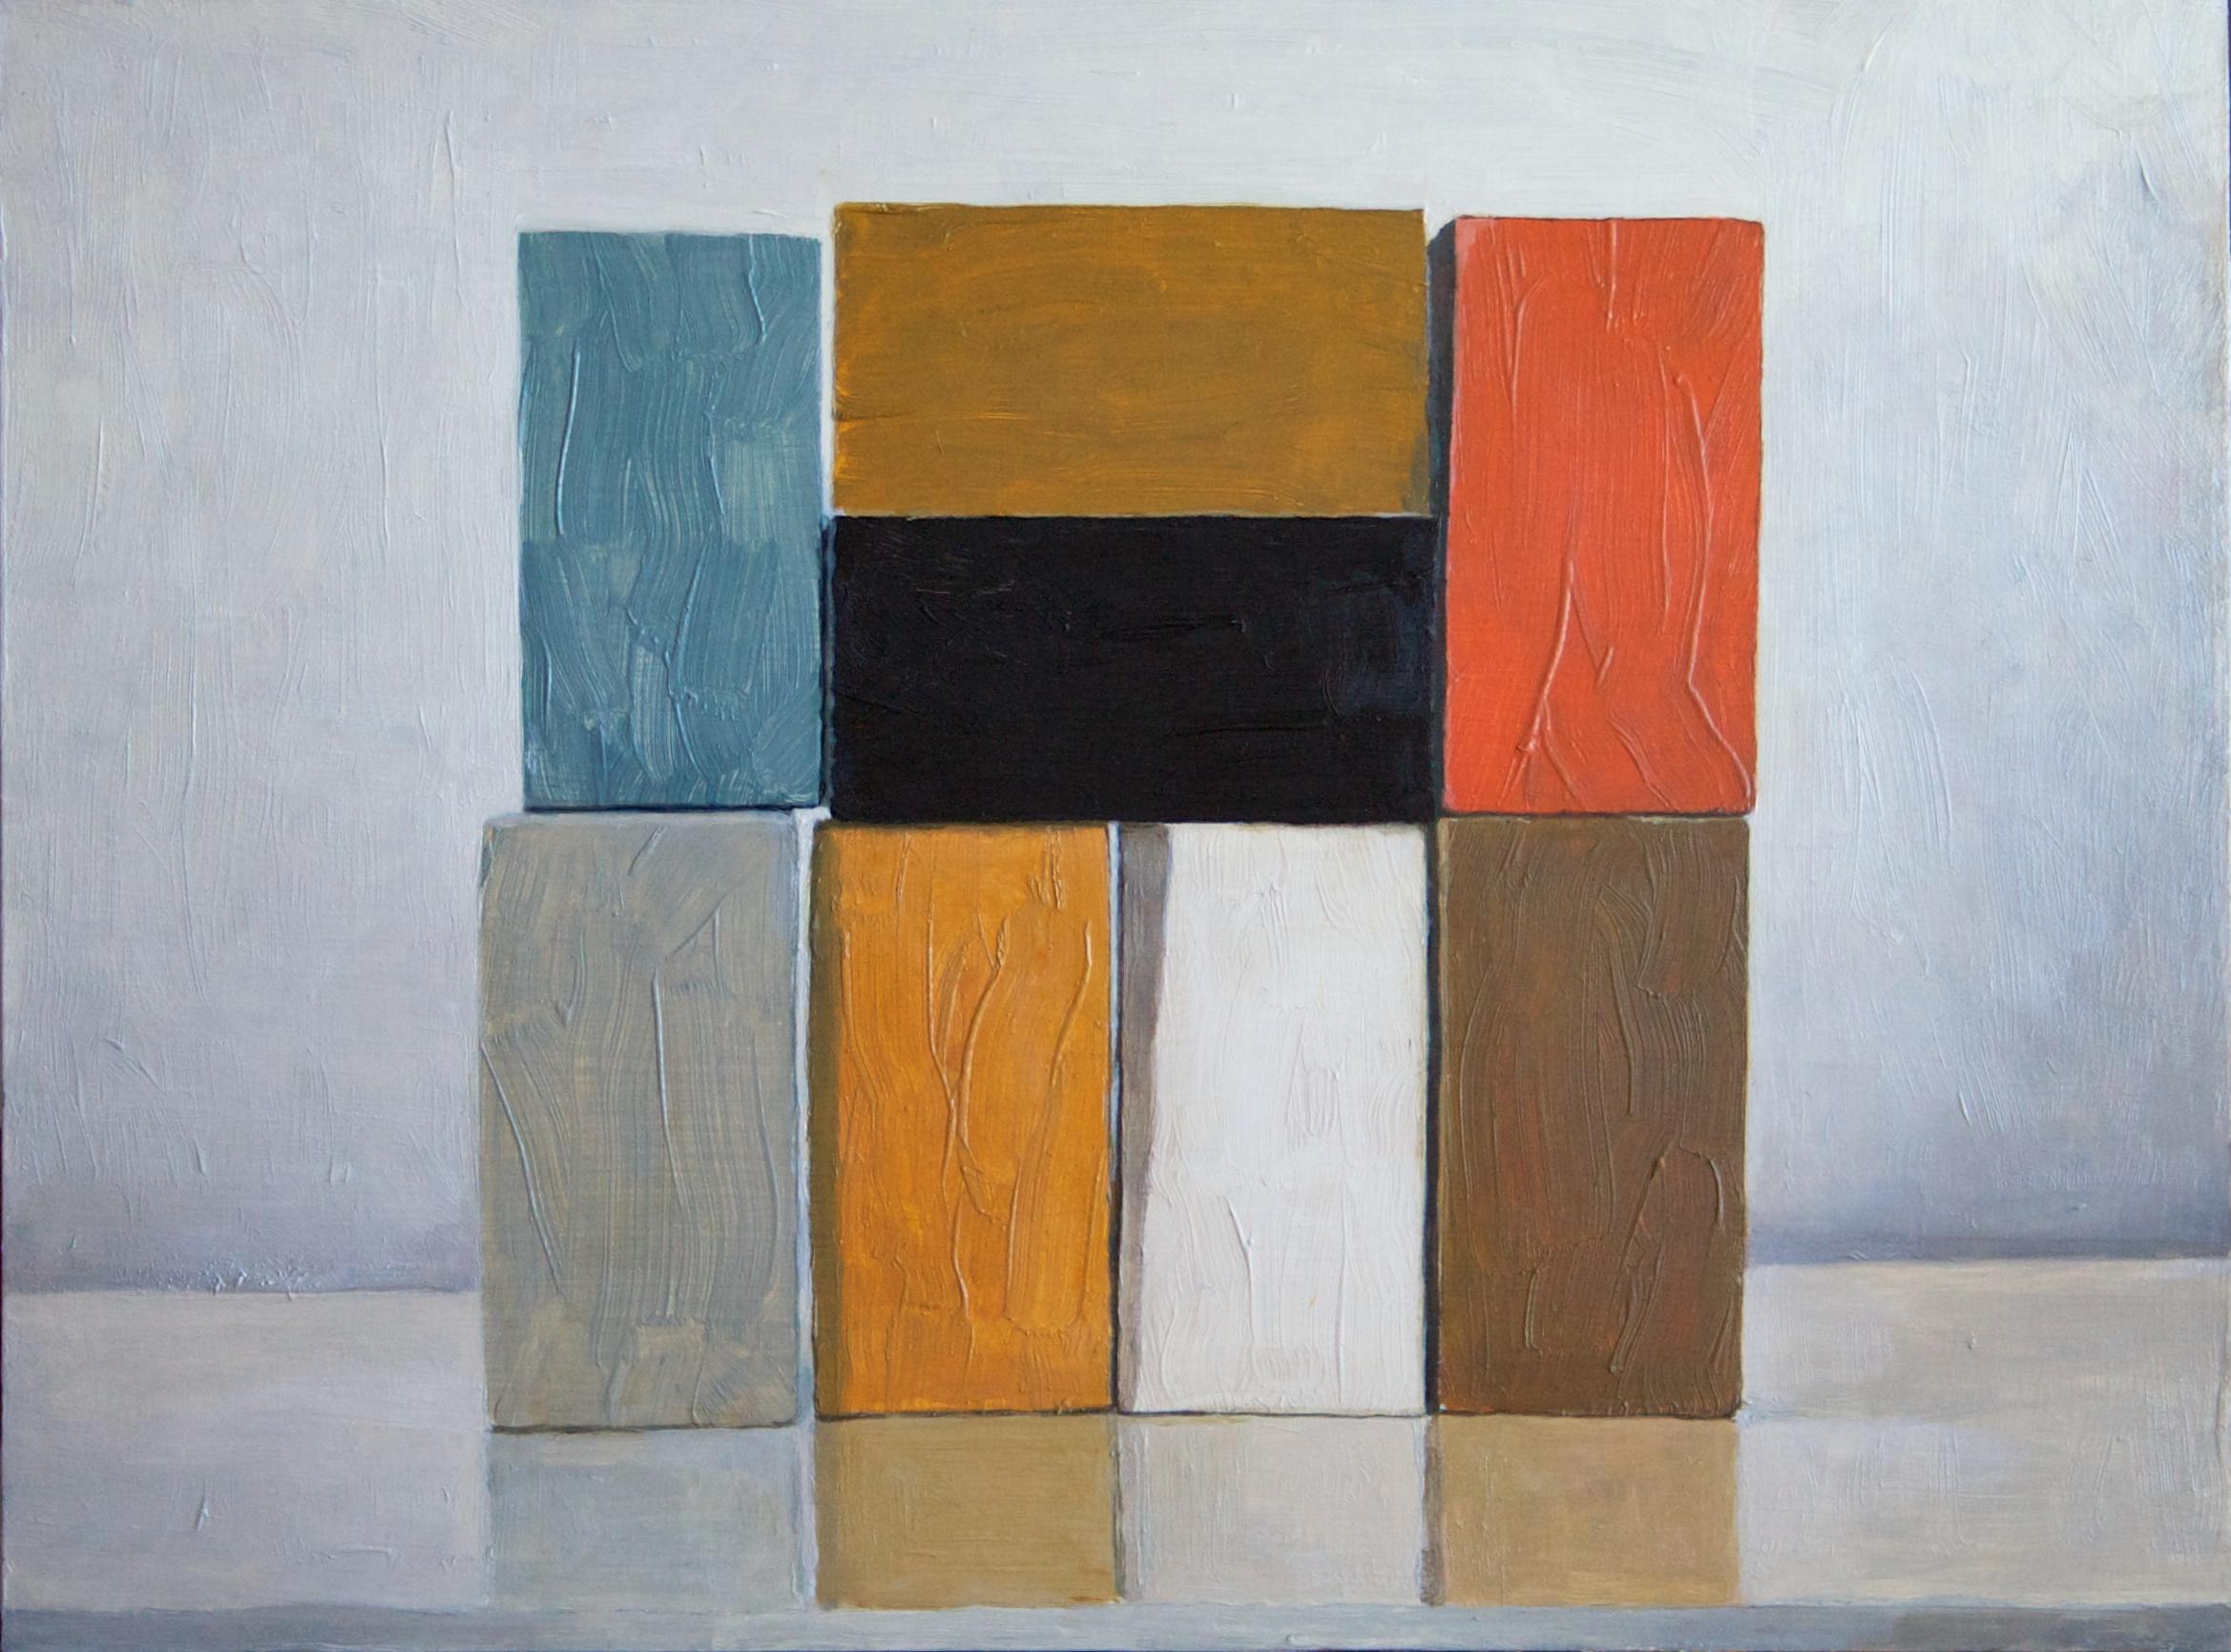 IM1010 Painted Blocks #3 (SKin Deep) (IMG_8975).jpg